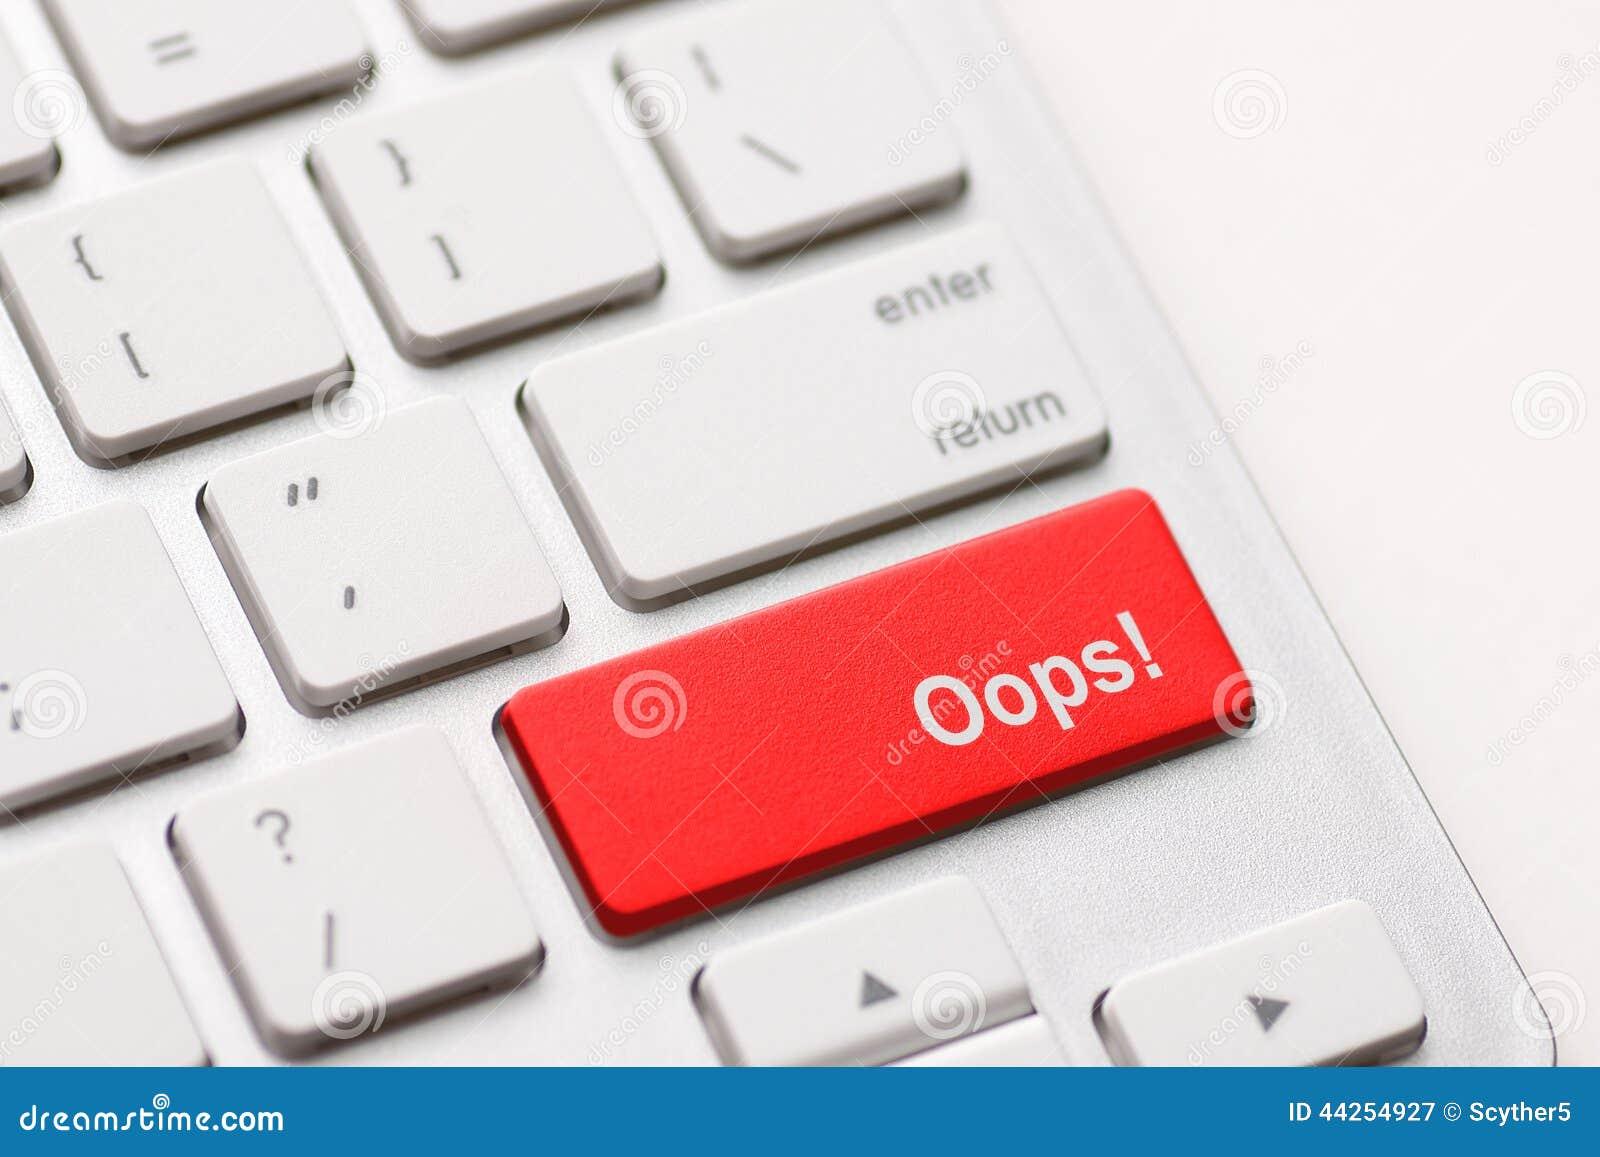 Confonda i concetti, con oops il messaggio sulla tastiera